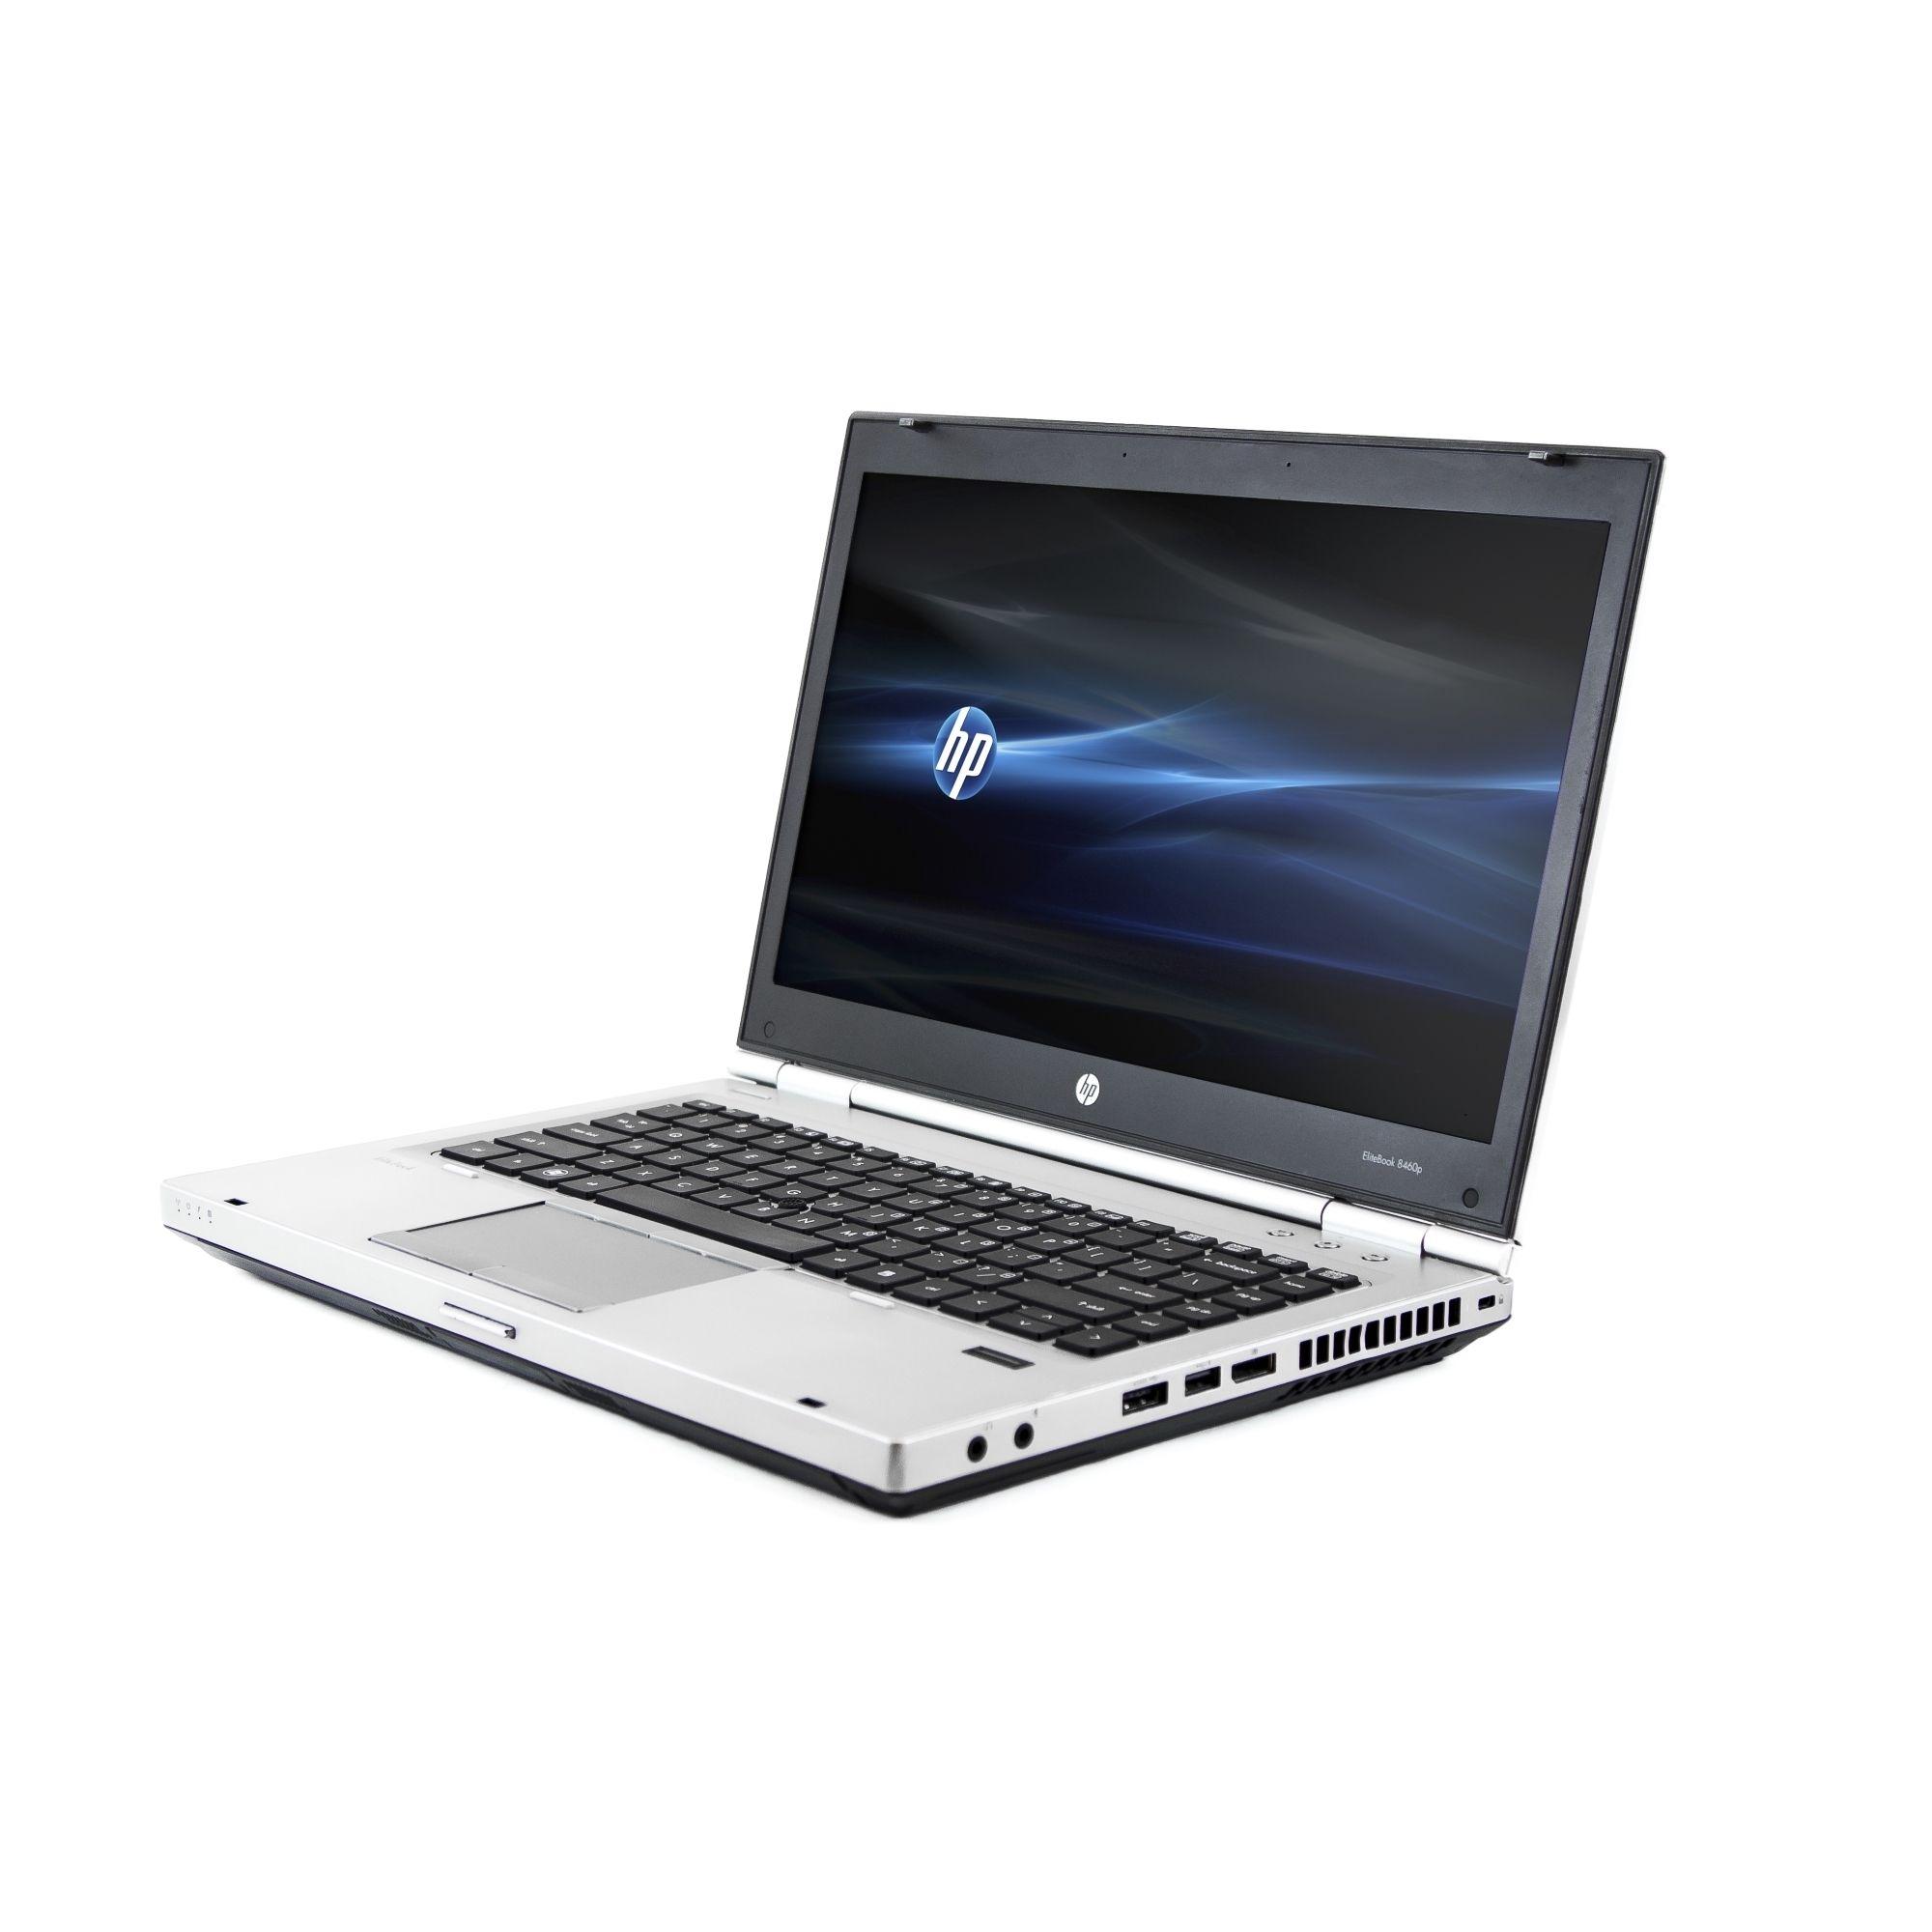 HP EliteBook 8460P 14-inch 2.5GHz Intel Core i5 16GB RAM 750GB HDD Windows